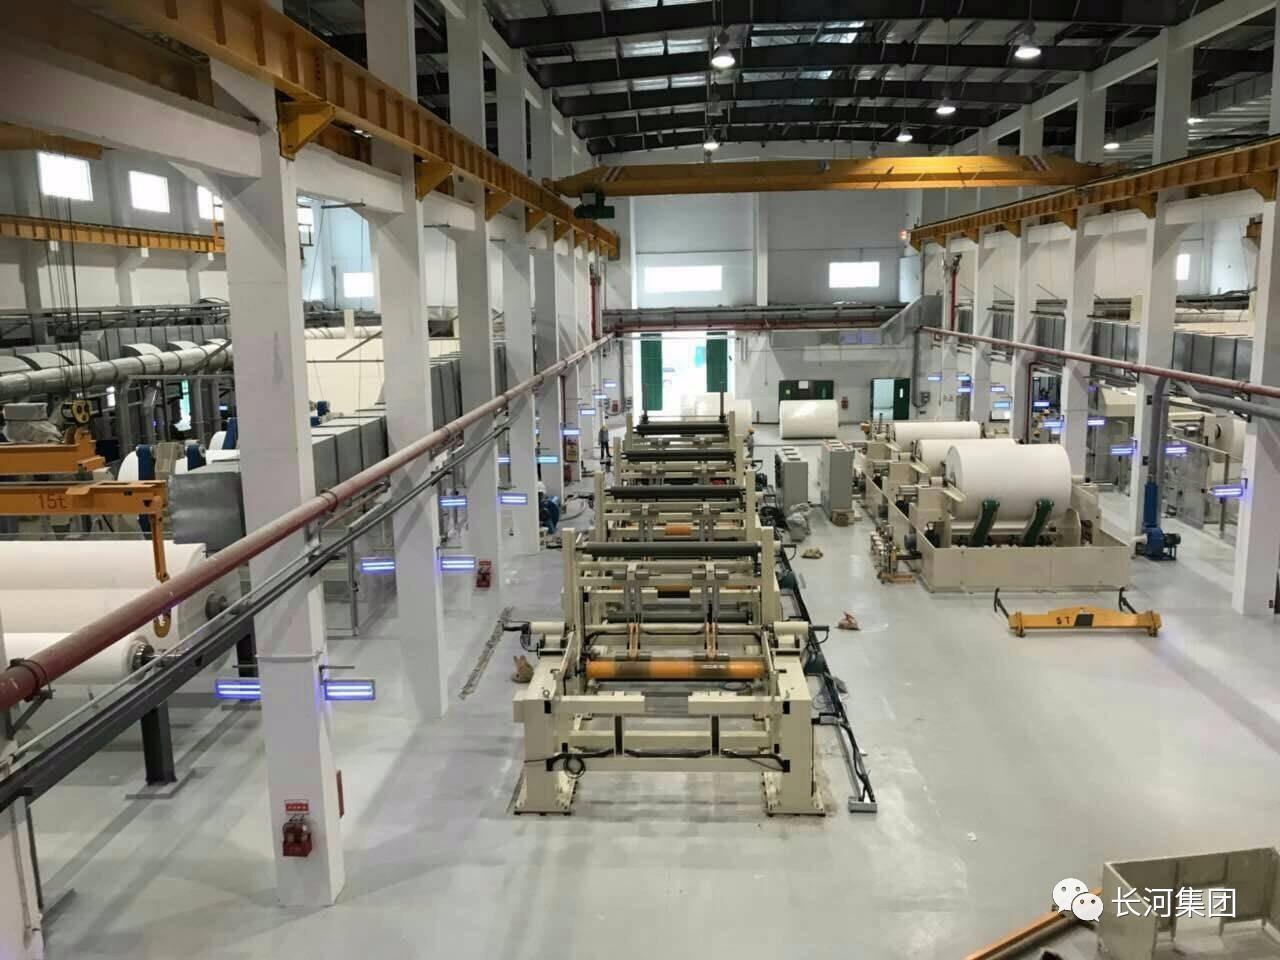 行业小知识 工厂,生产车间地面为什么需要地坪漆?图片